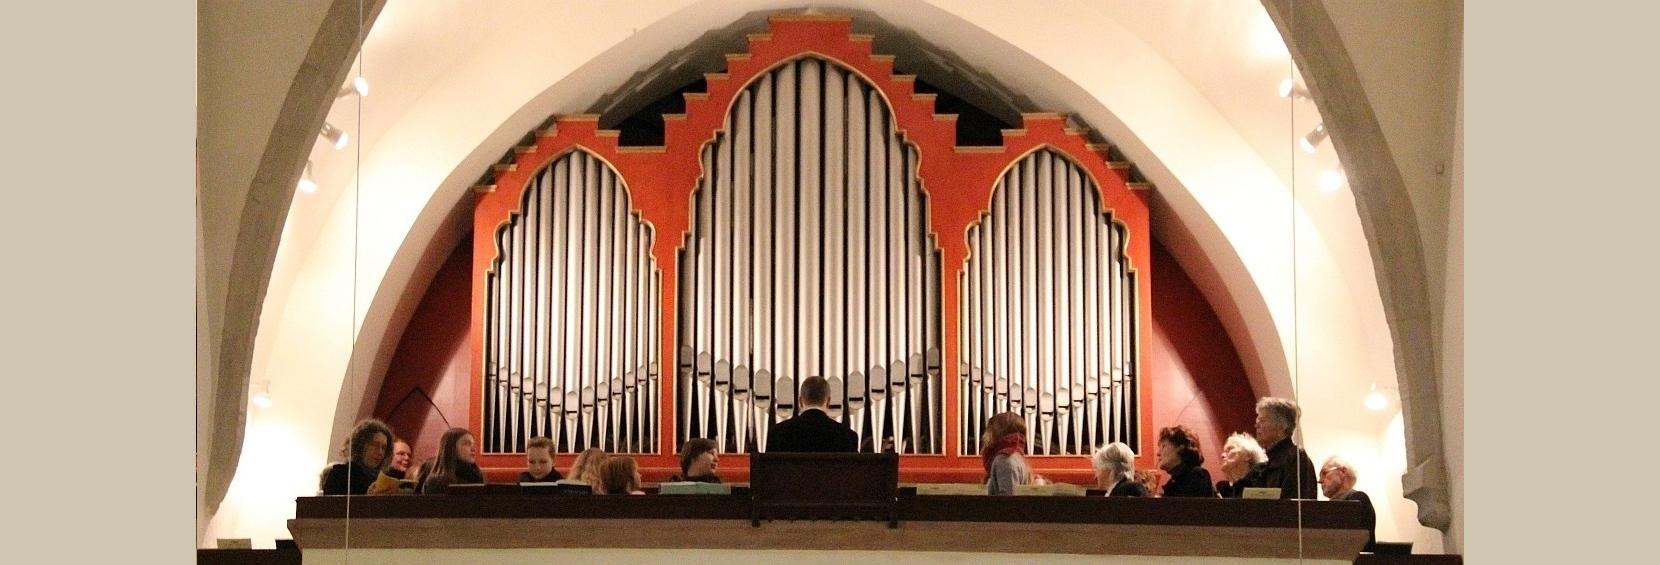 Eule-Orgel